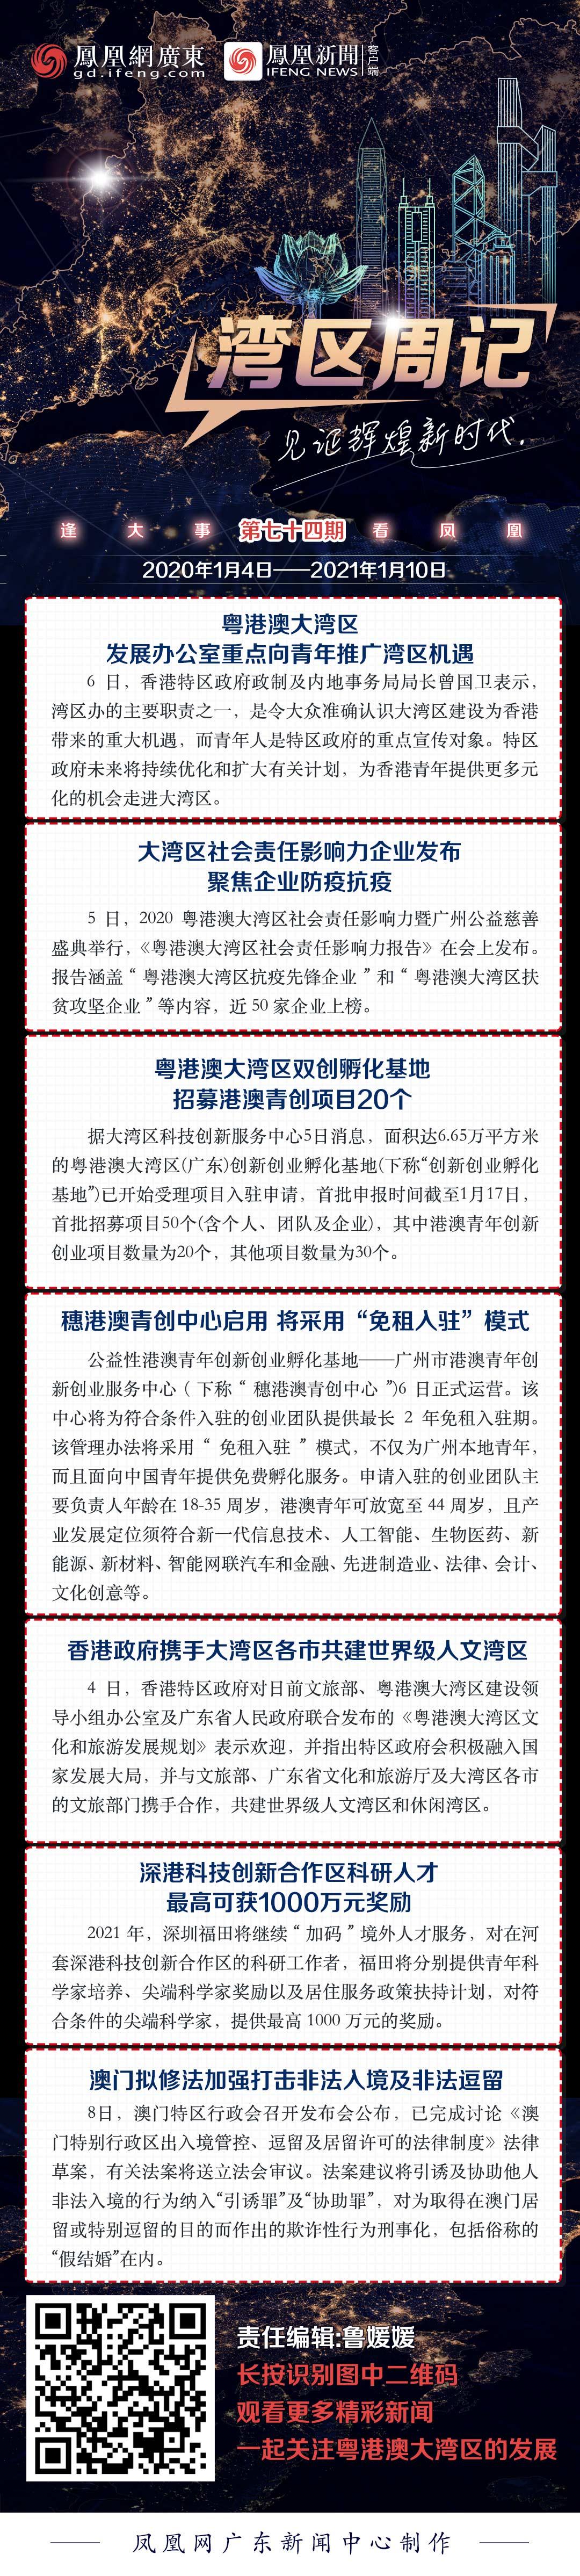 """湾区周记No.74丨穗港澳青创中心启用 采取""""免租入驻""""模式"""